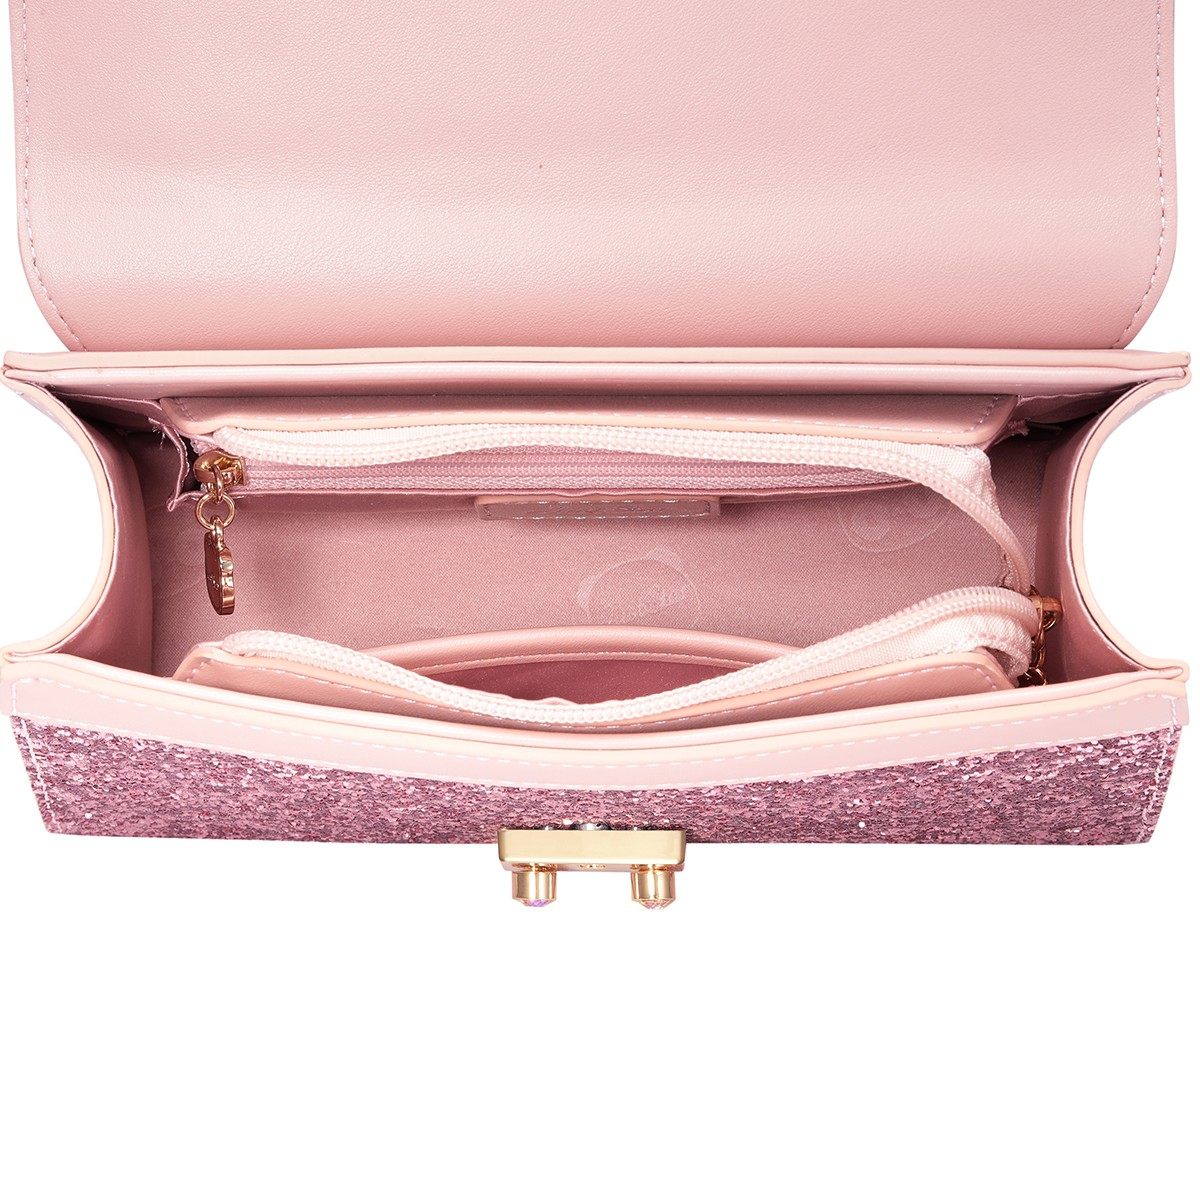 Túi xách nữ thời trang Just Star Virgo VG443